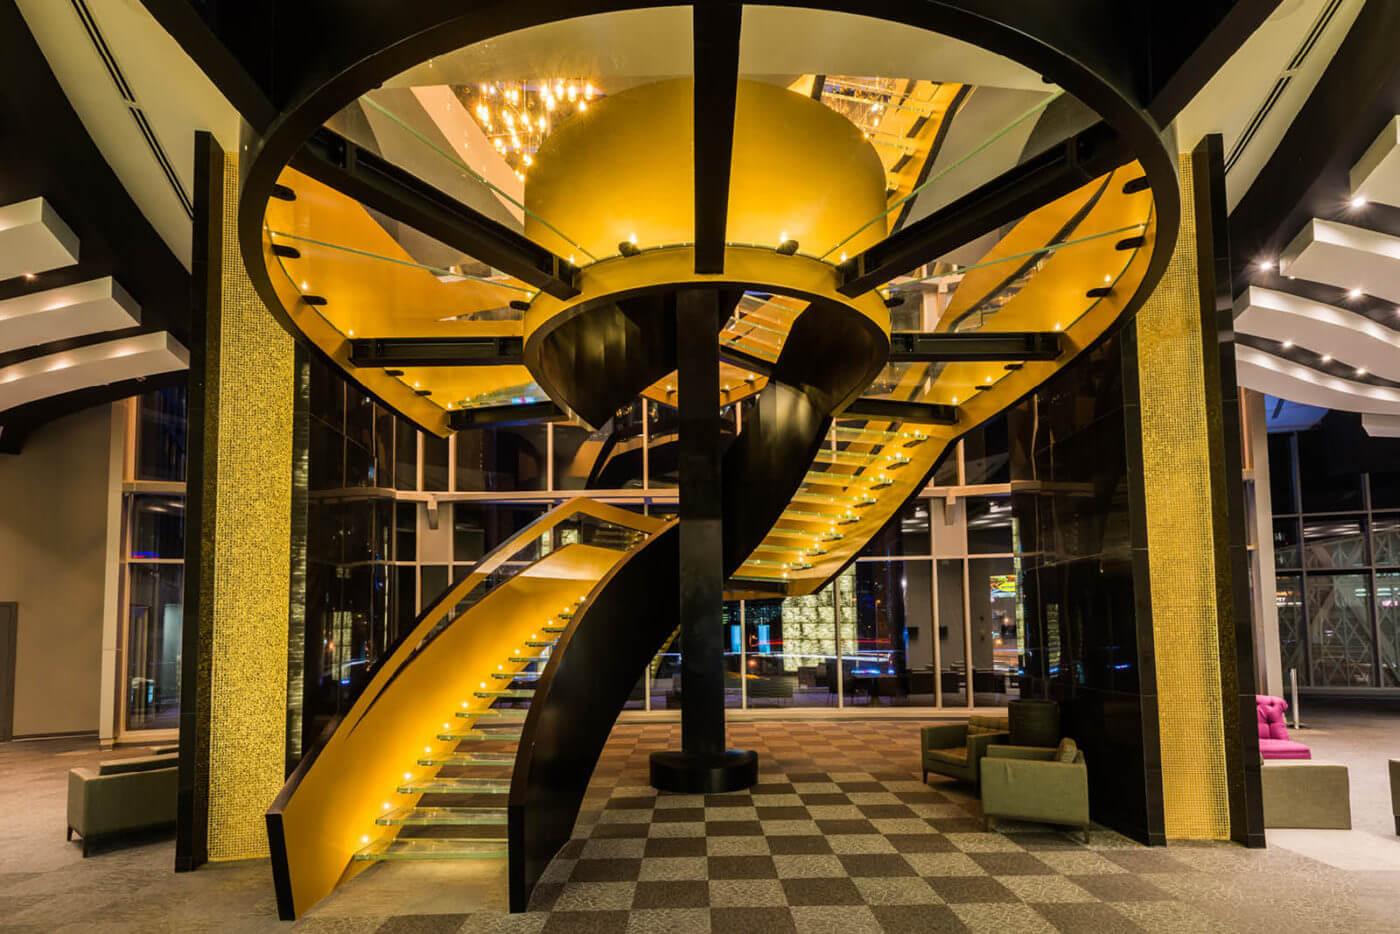 Parapetto in alluminio scala dorata Panama, Hotel las Americas